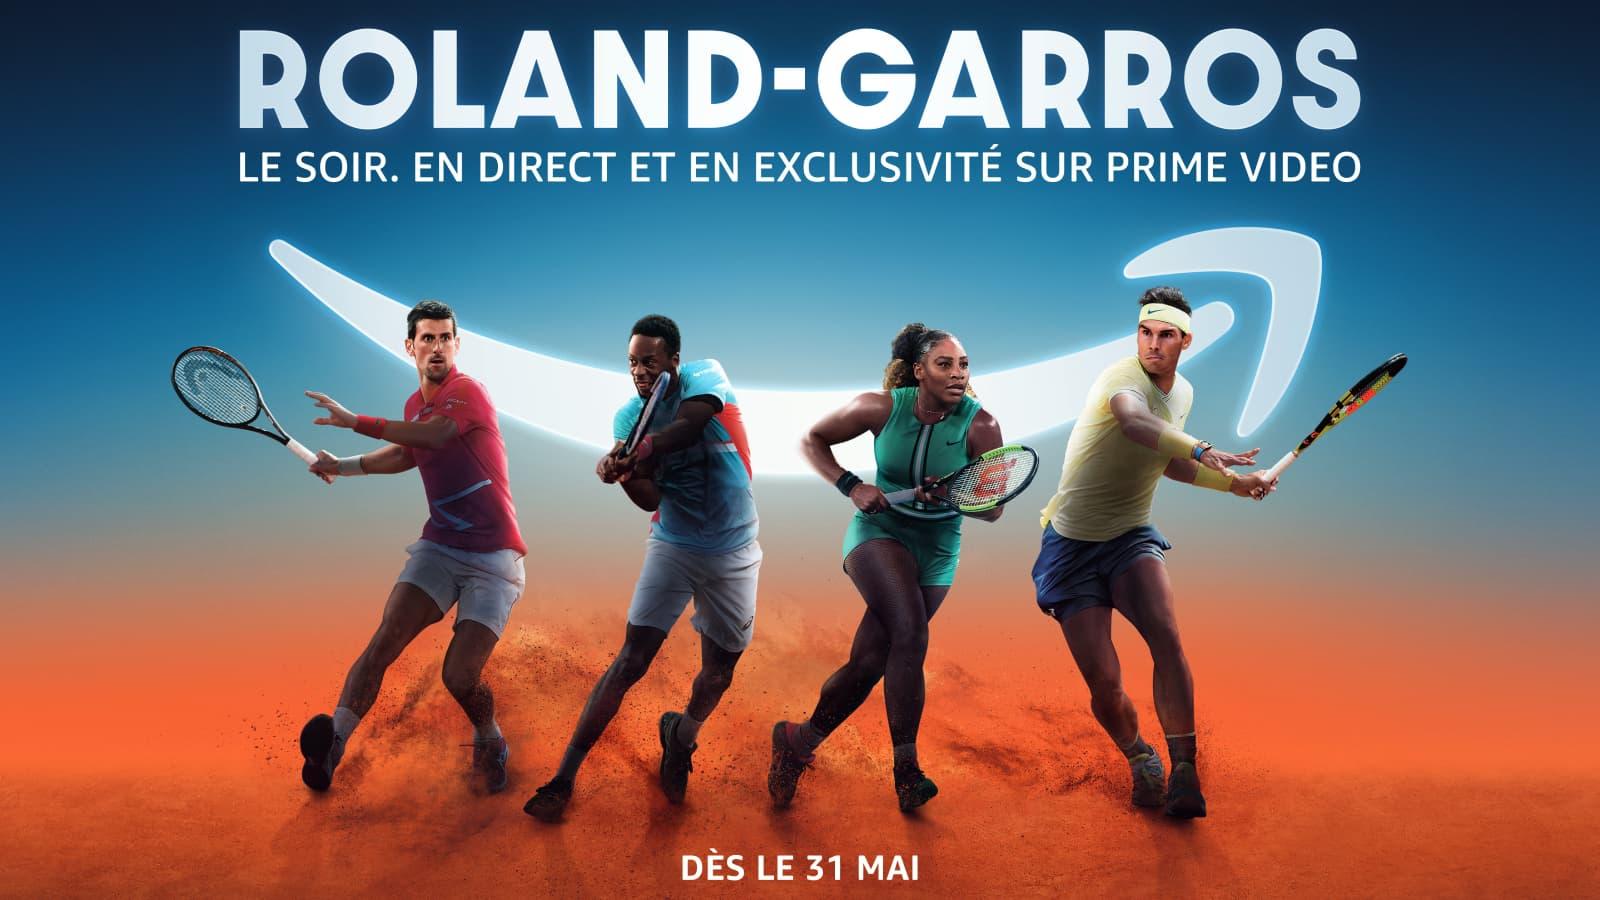 Les plus belles affiches de Roland-Garros sont sur Amazon Prime Video